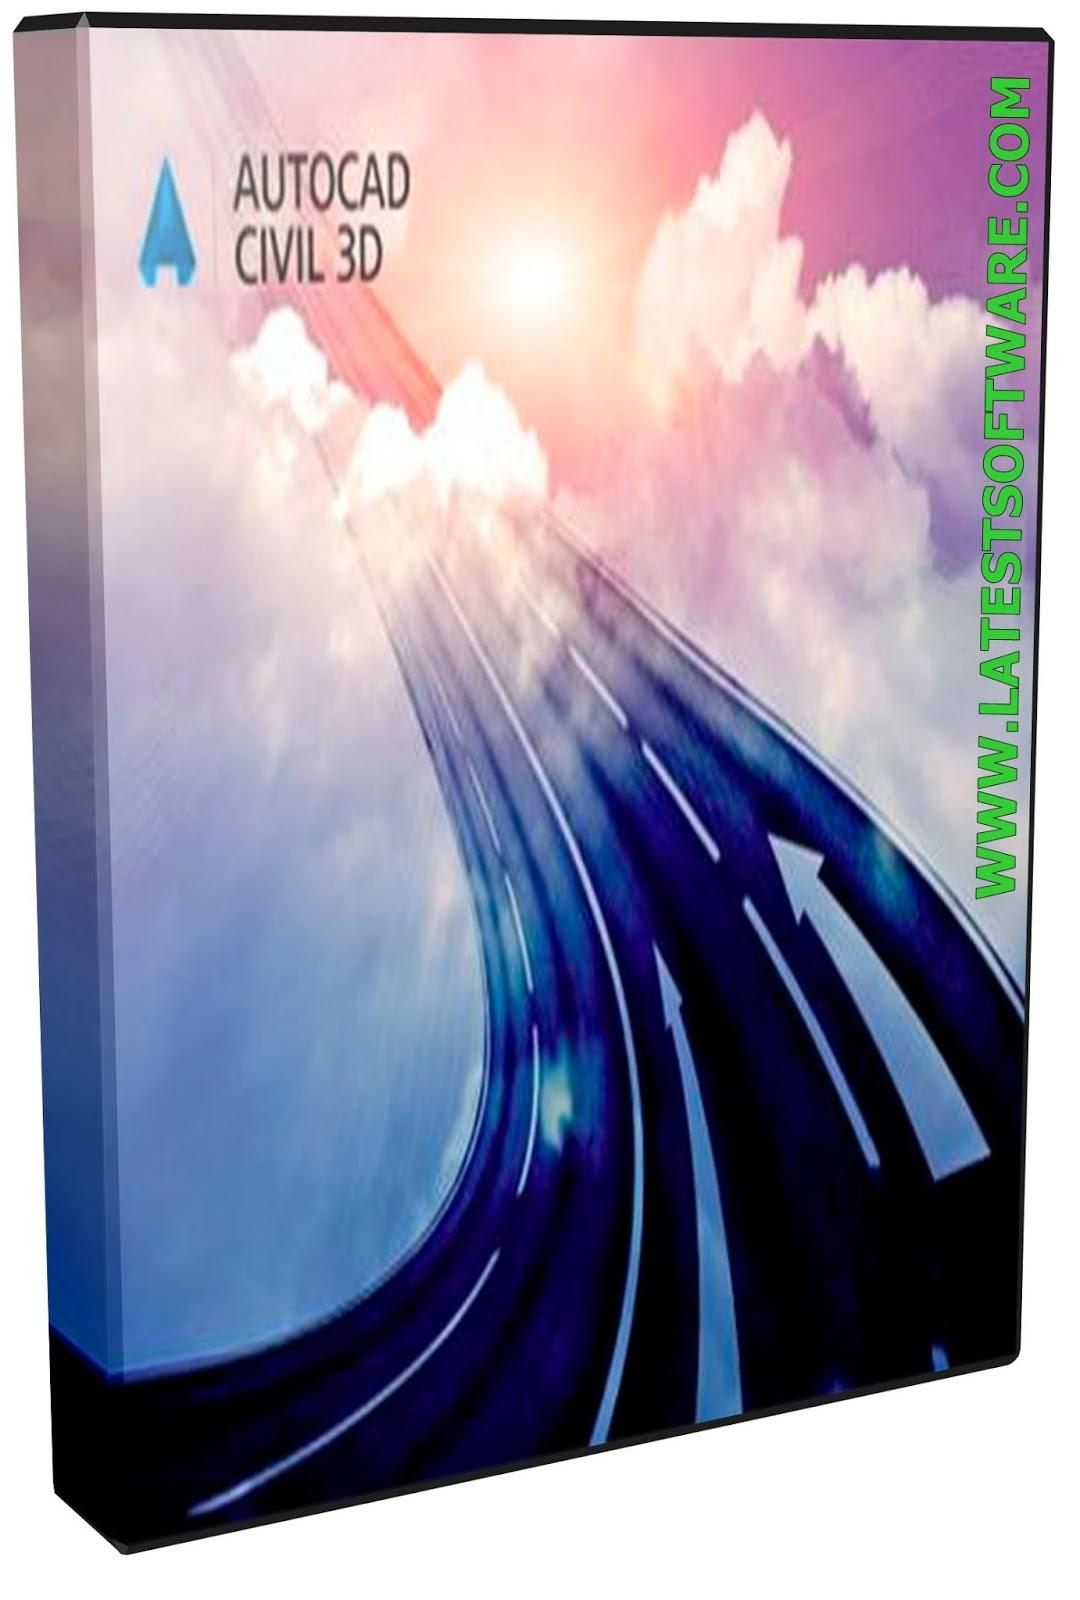 Latest AutoCAD Civil 3D Software